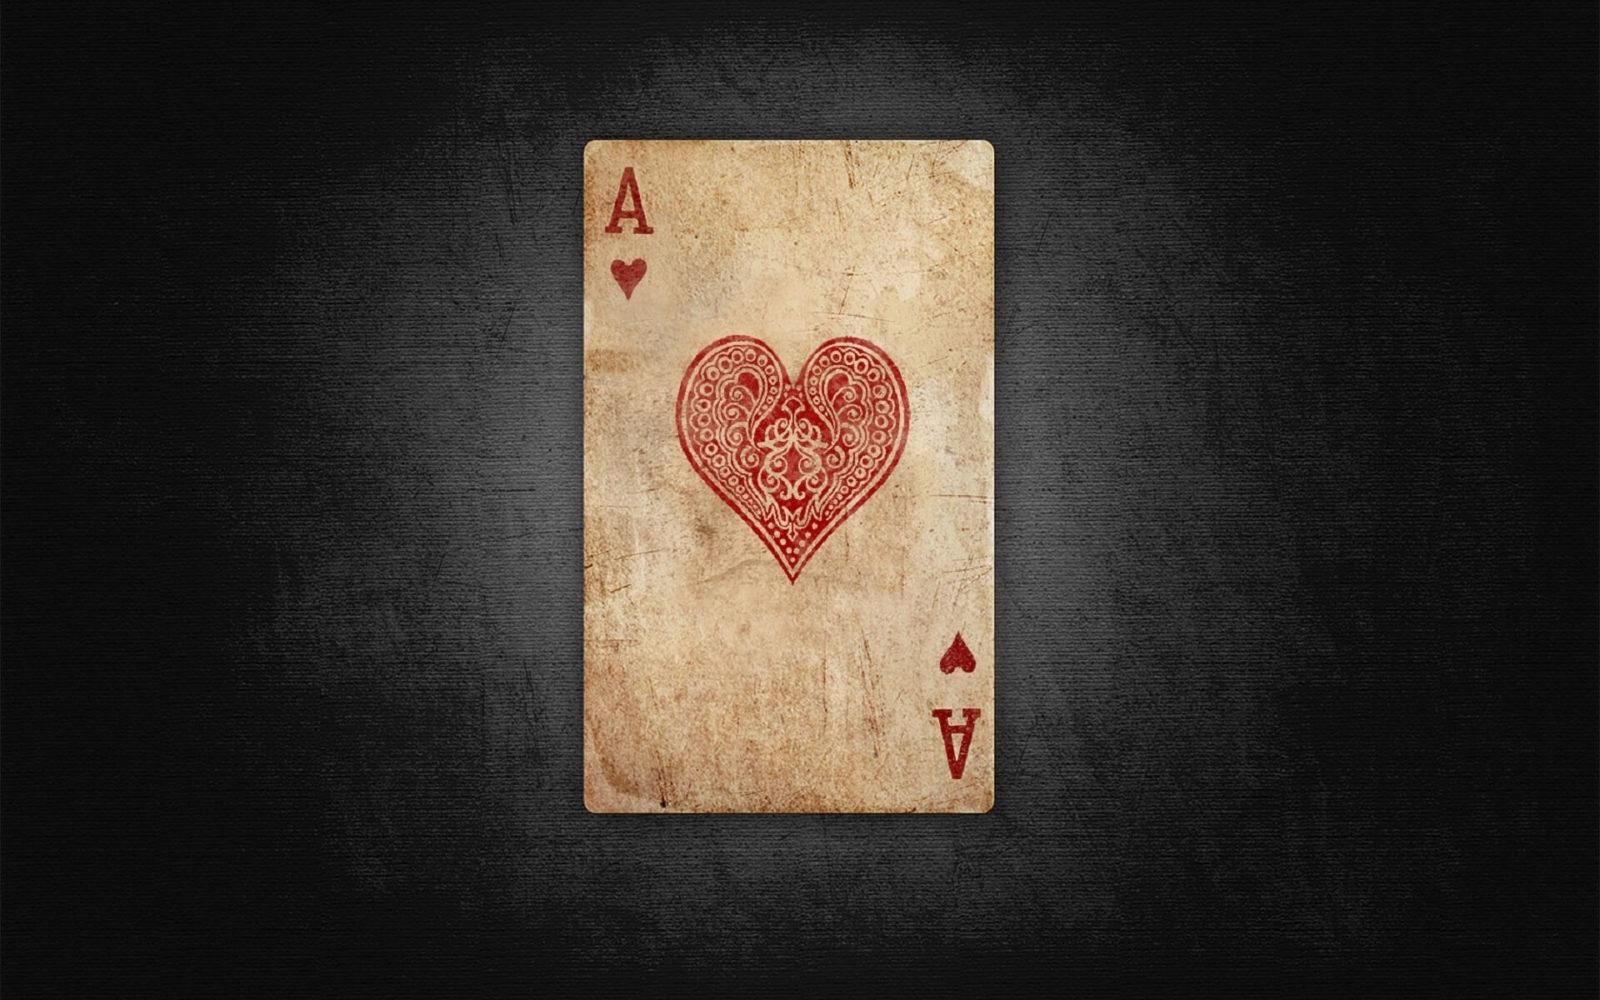 Девятка черви: значение в игральных картах при гадании с колодой в 36 карт, описание, толкование прямого и перевернутого положения, расшифровка сочетаний с другими картами в раскладах на любовь и отношения, карьеру